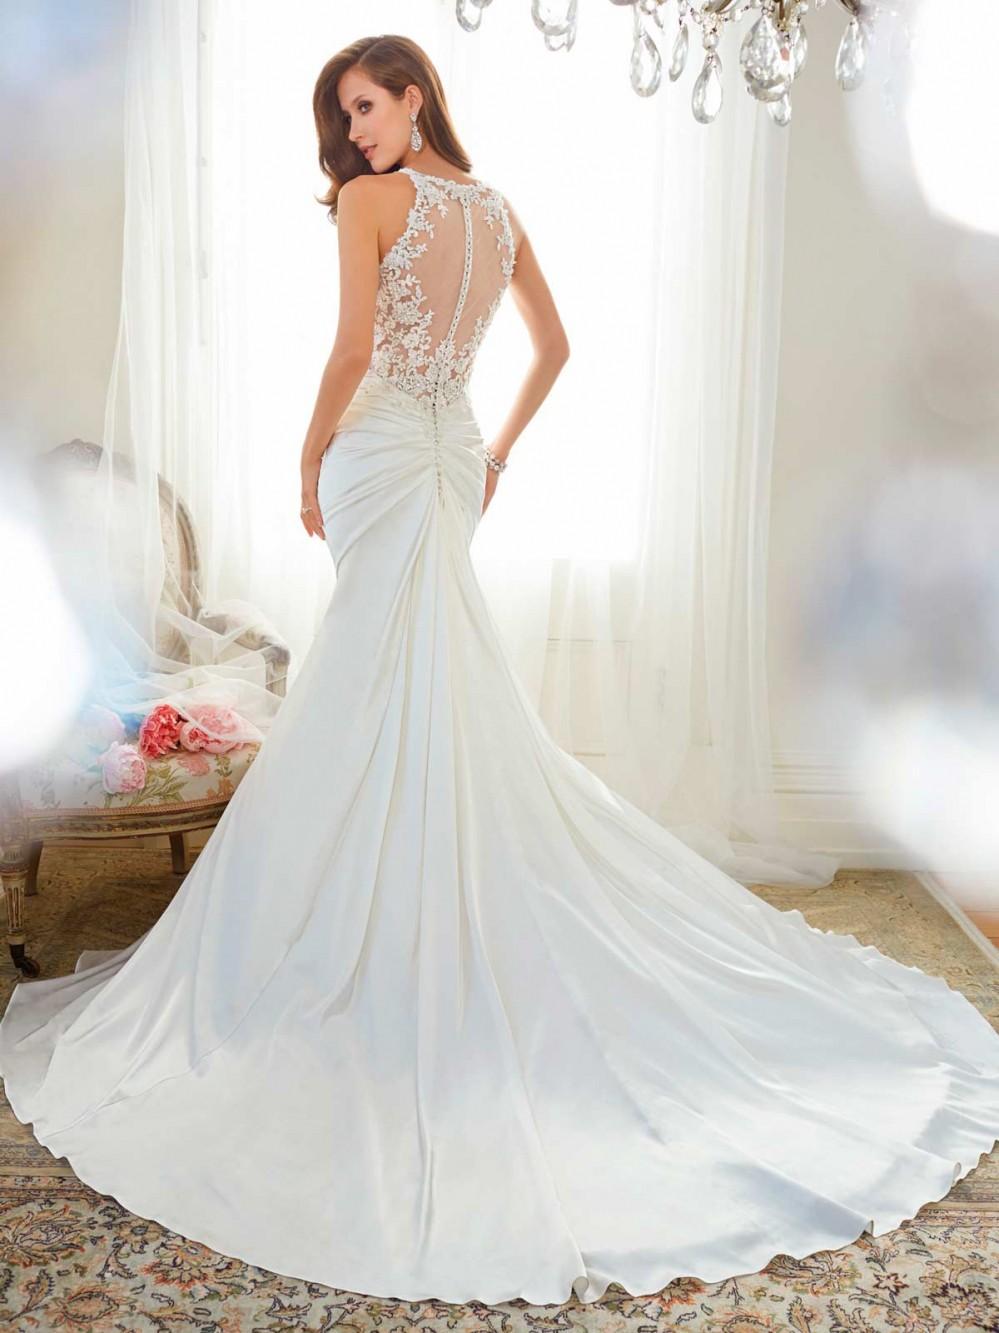 Chiếc áo cưới lộng lẫy này cũng có nhiều biến tấu trong thiết kế, đôi khi nằm ở phần lưng váy. Những kiểu váy có thiết kế hở lưng, ...